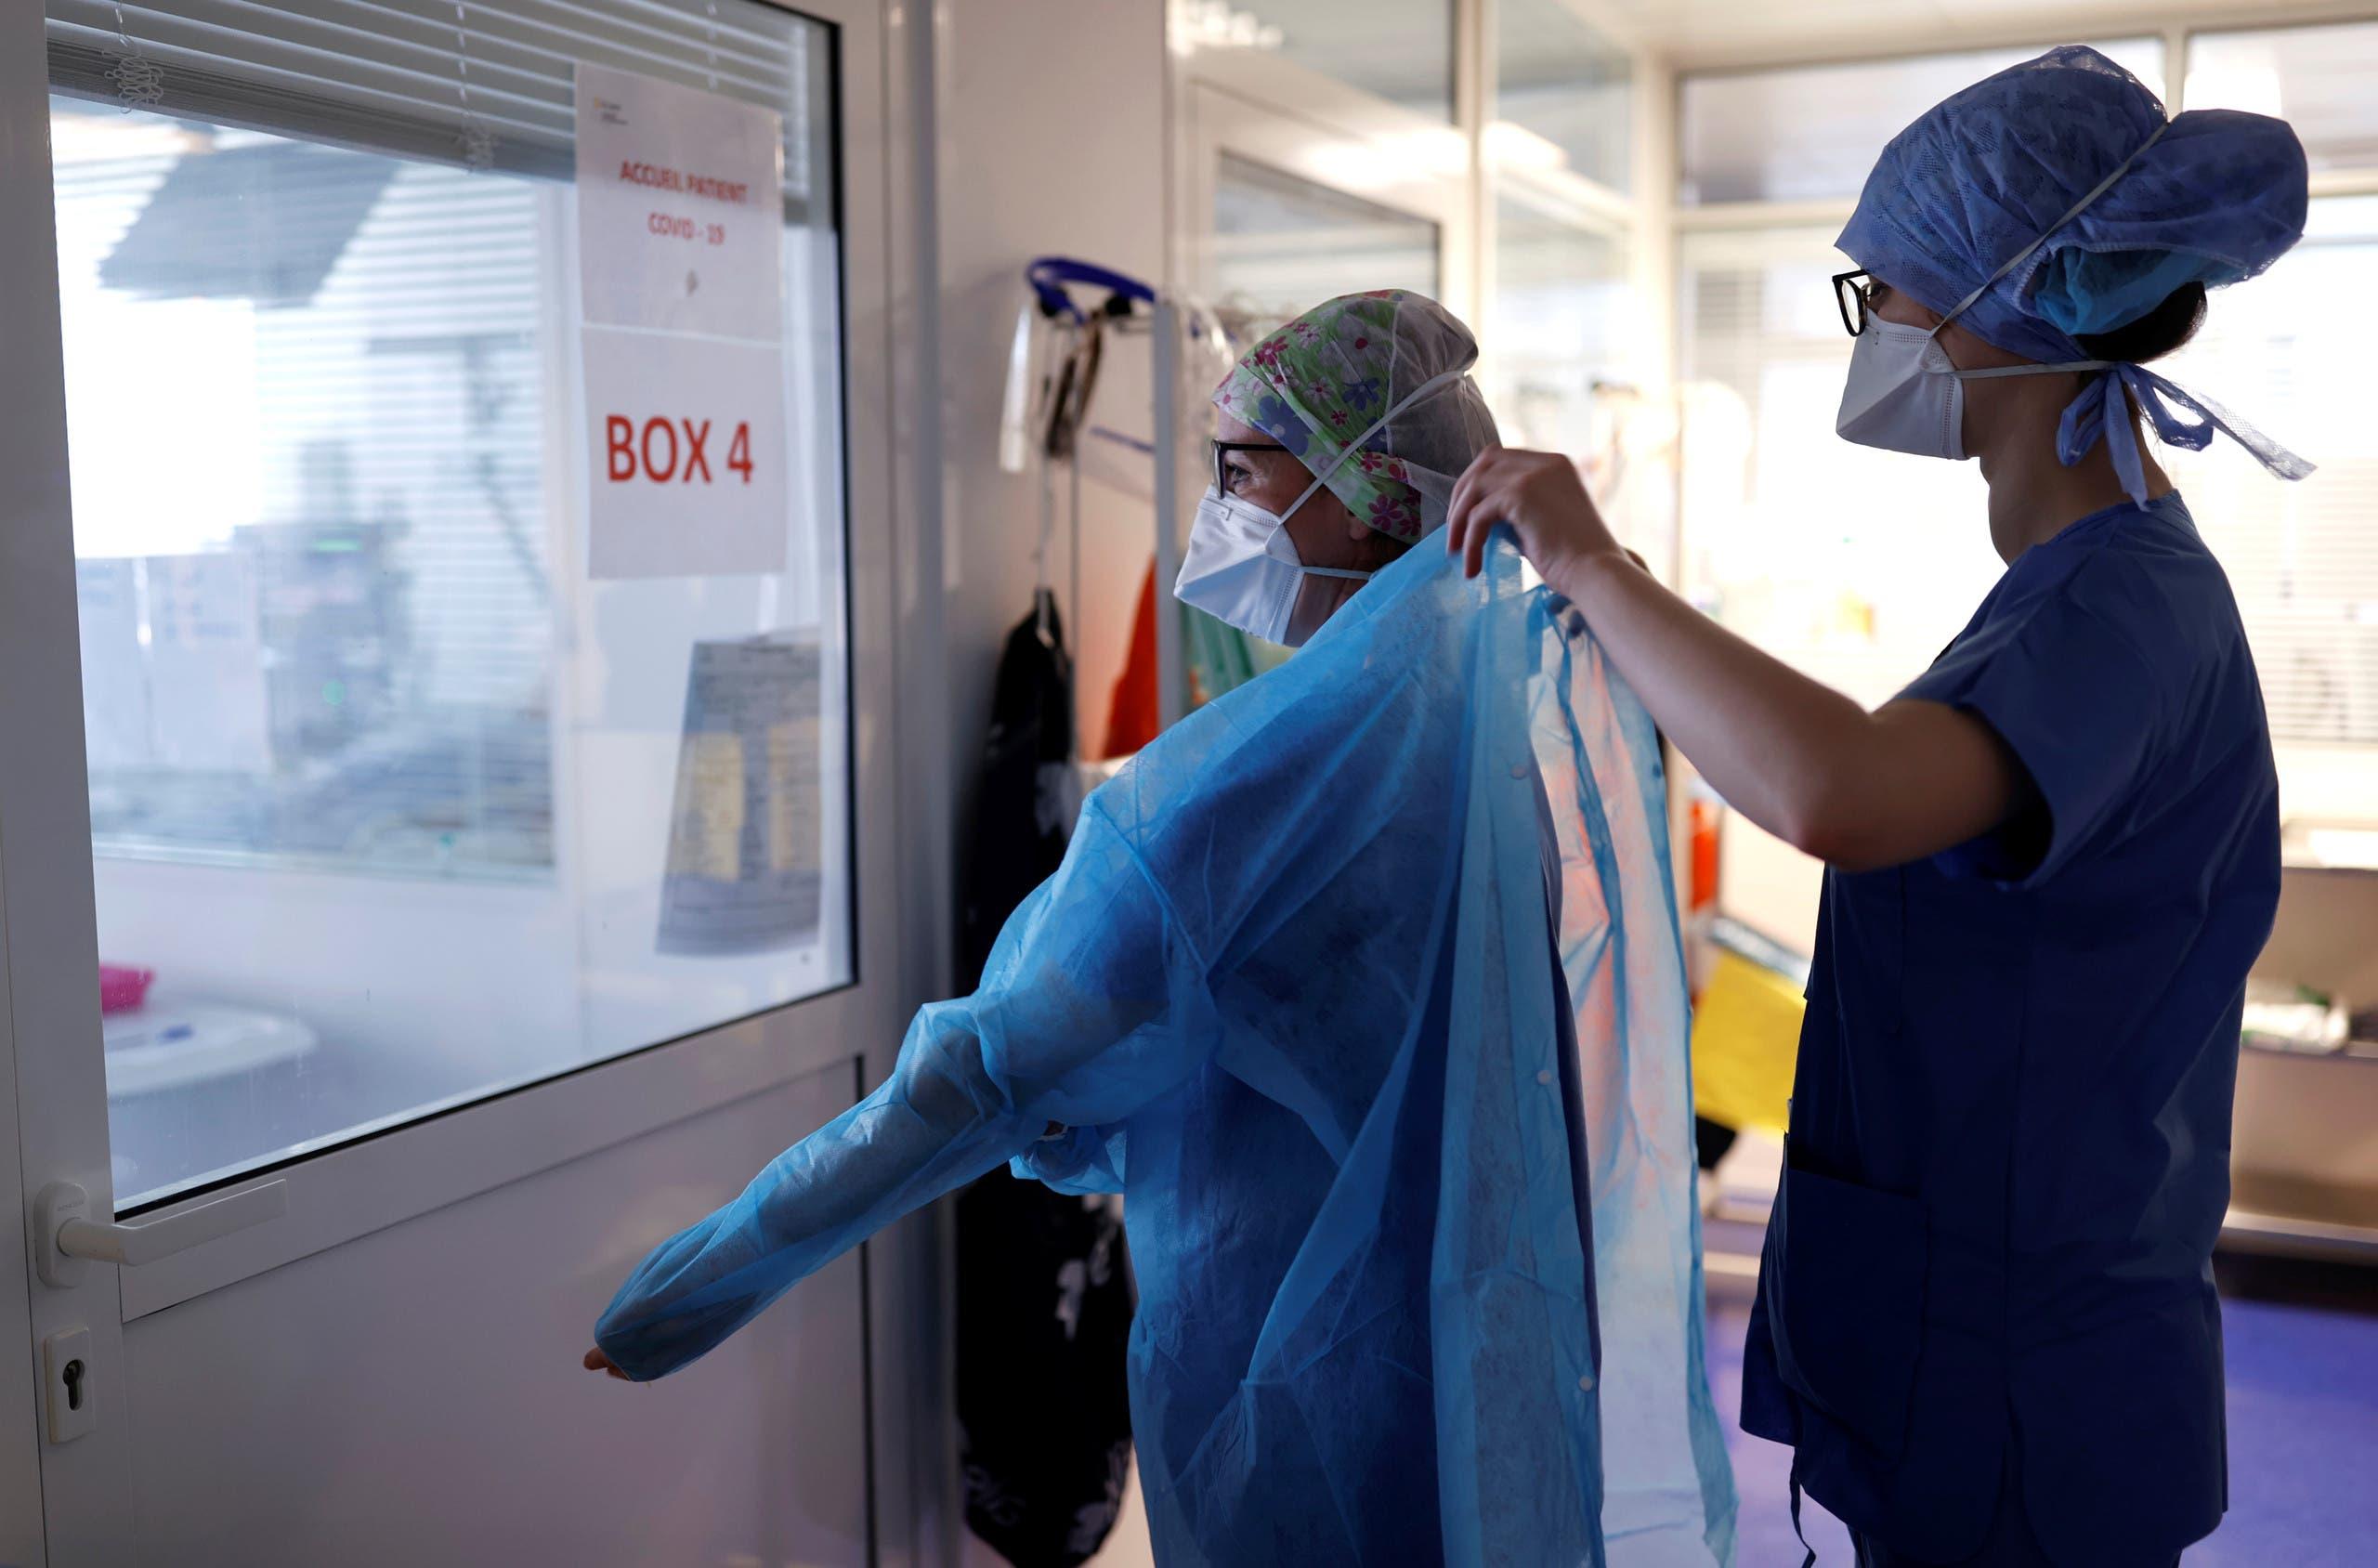 عاملون صحيون يرتدون ملابس واقية لمعاينة مصابين بكورونا في ستراسبورغ في فرنسا